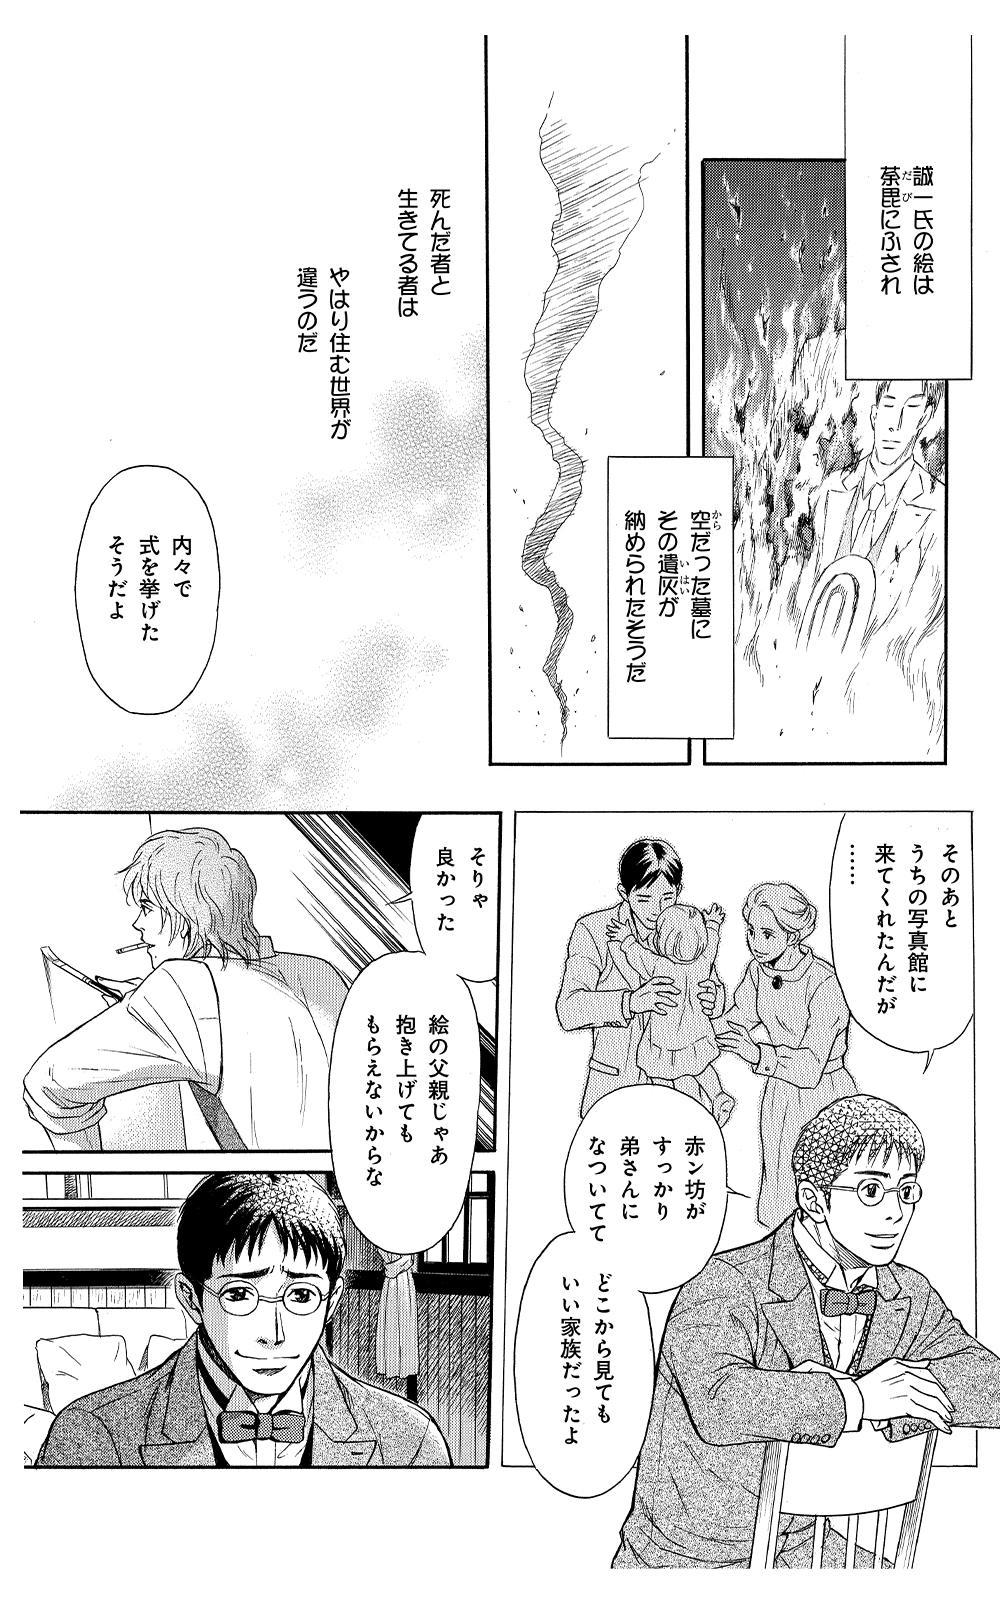 鵼の絵師 第1話「鵼の絵師」②nue-1-25.jpg